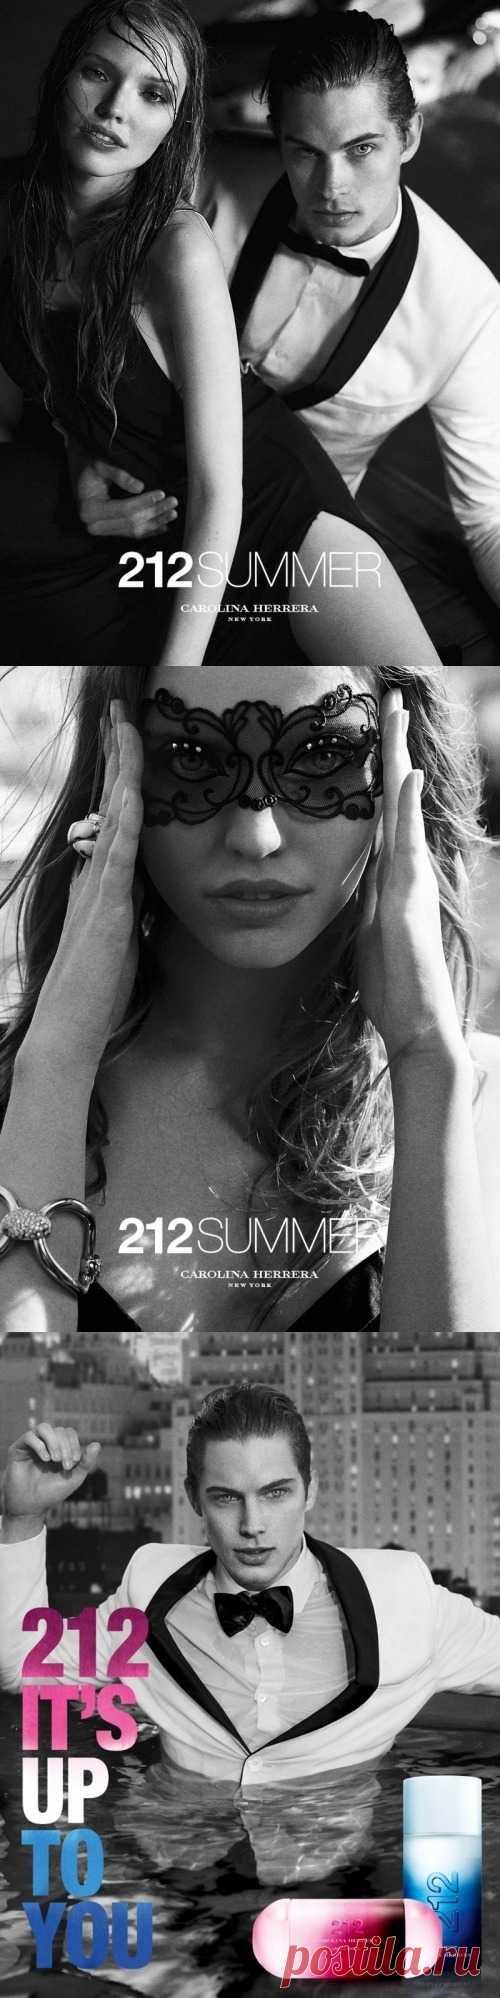 La campaña publicitaria parfyuma de Carolina Herrera 212